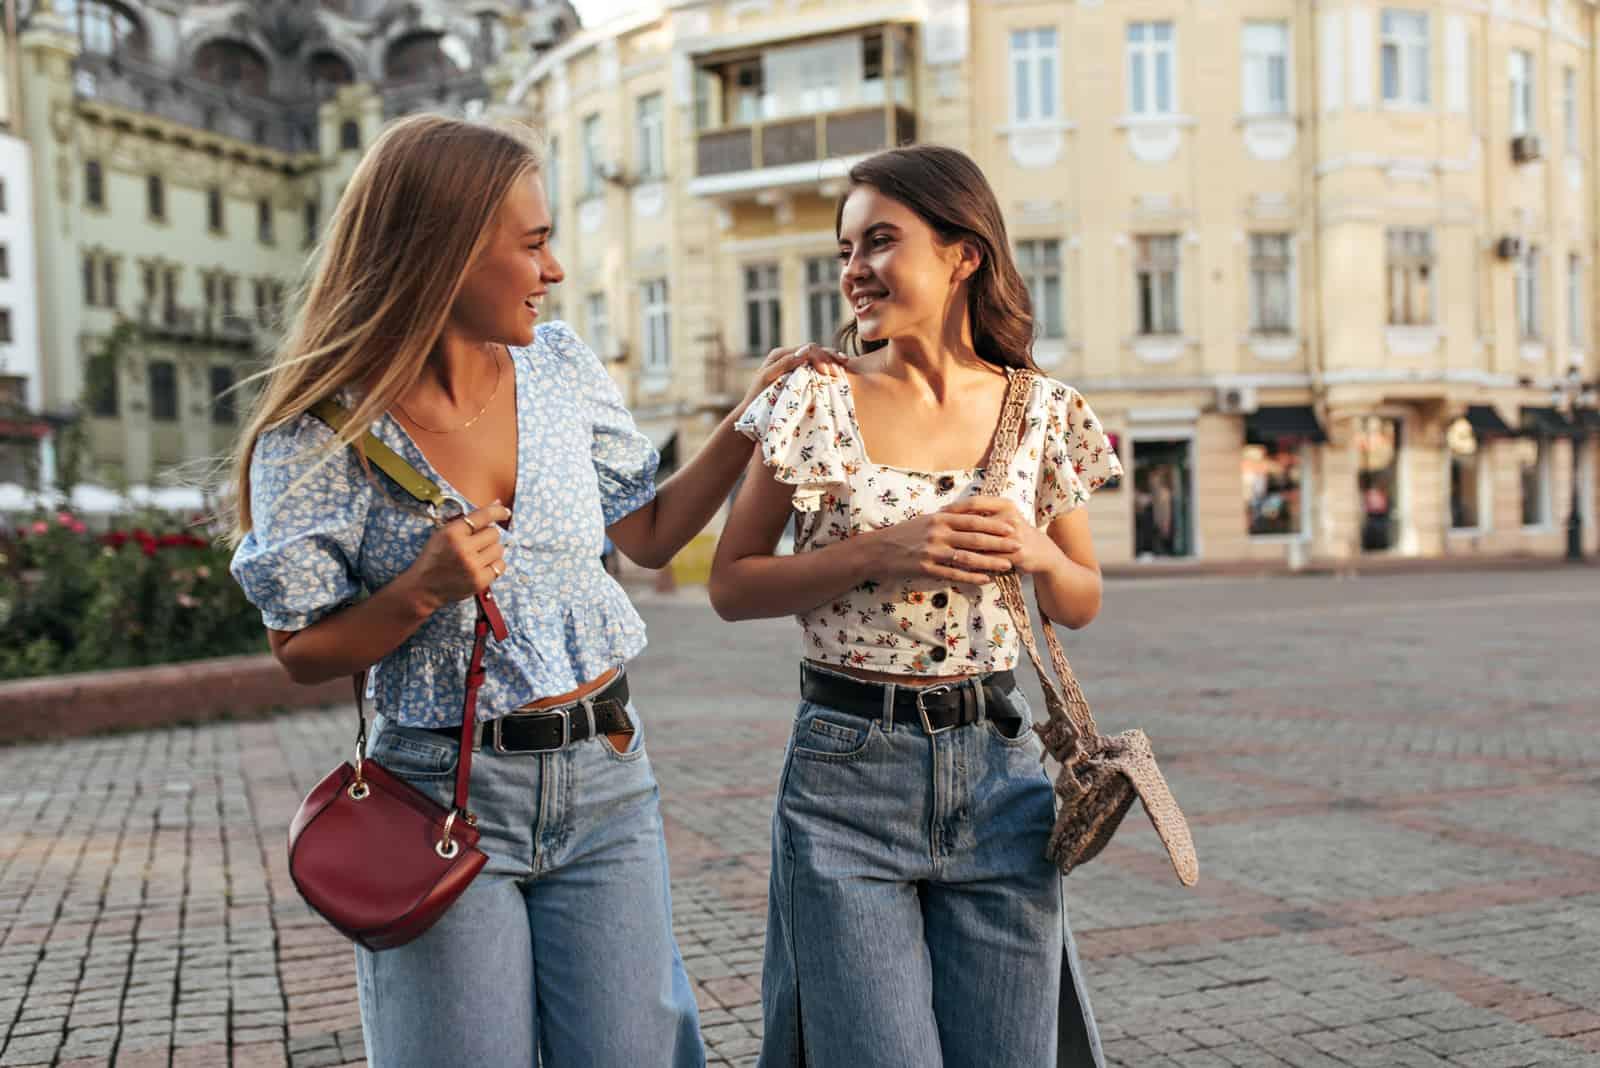 deux femmes marchant dans la rue